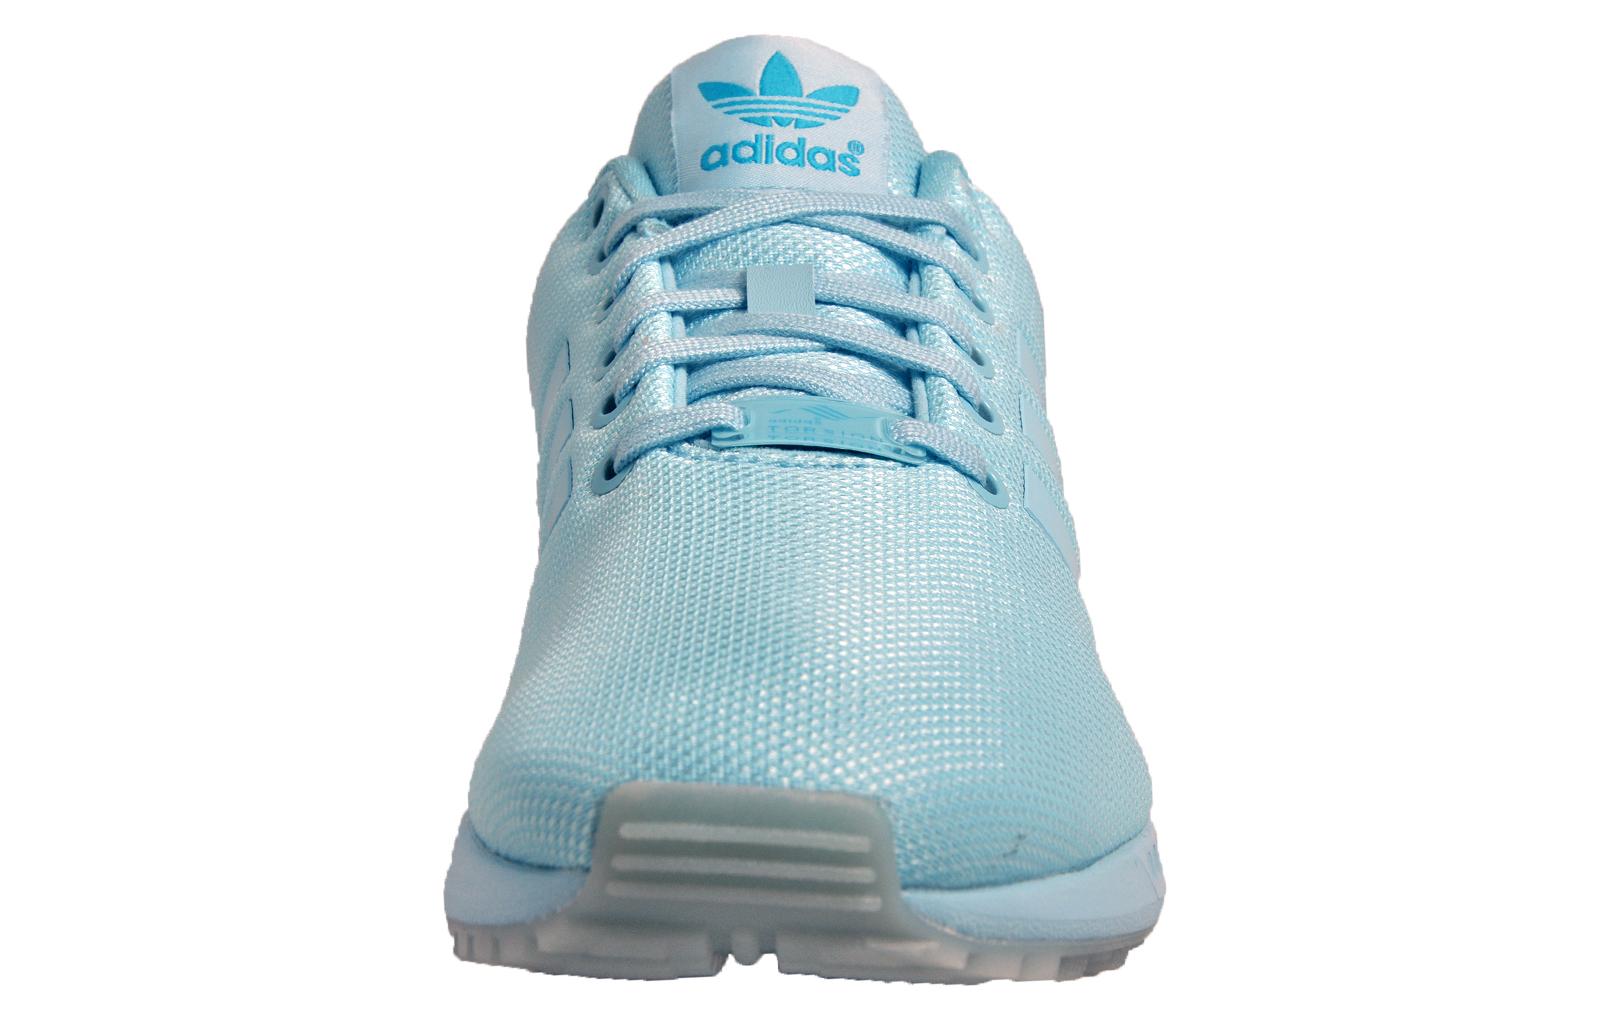 d5431fde3e059 ... discount code for adidas originals zx flux womens girls classic casual  retro trainers light blue 351bf